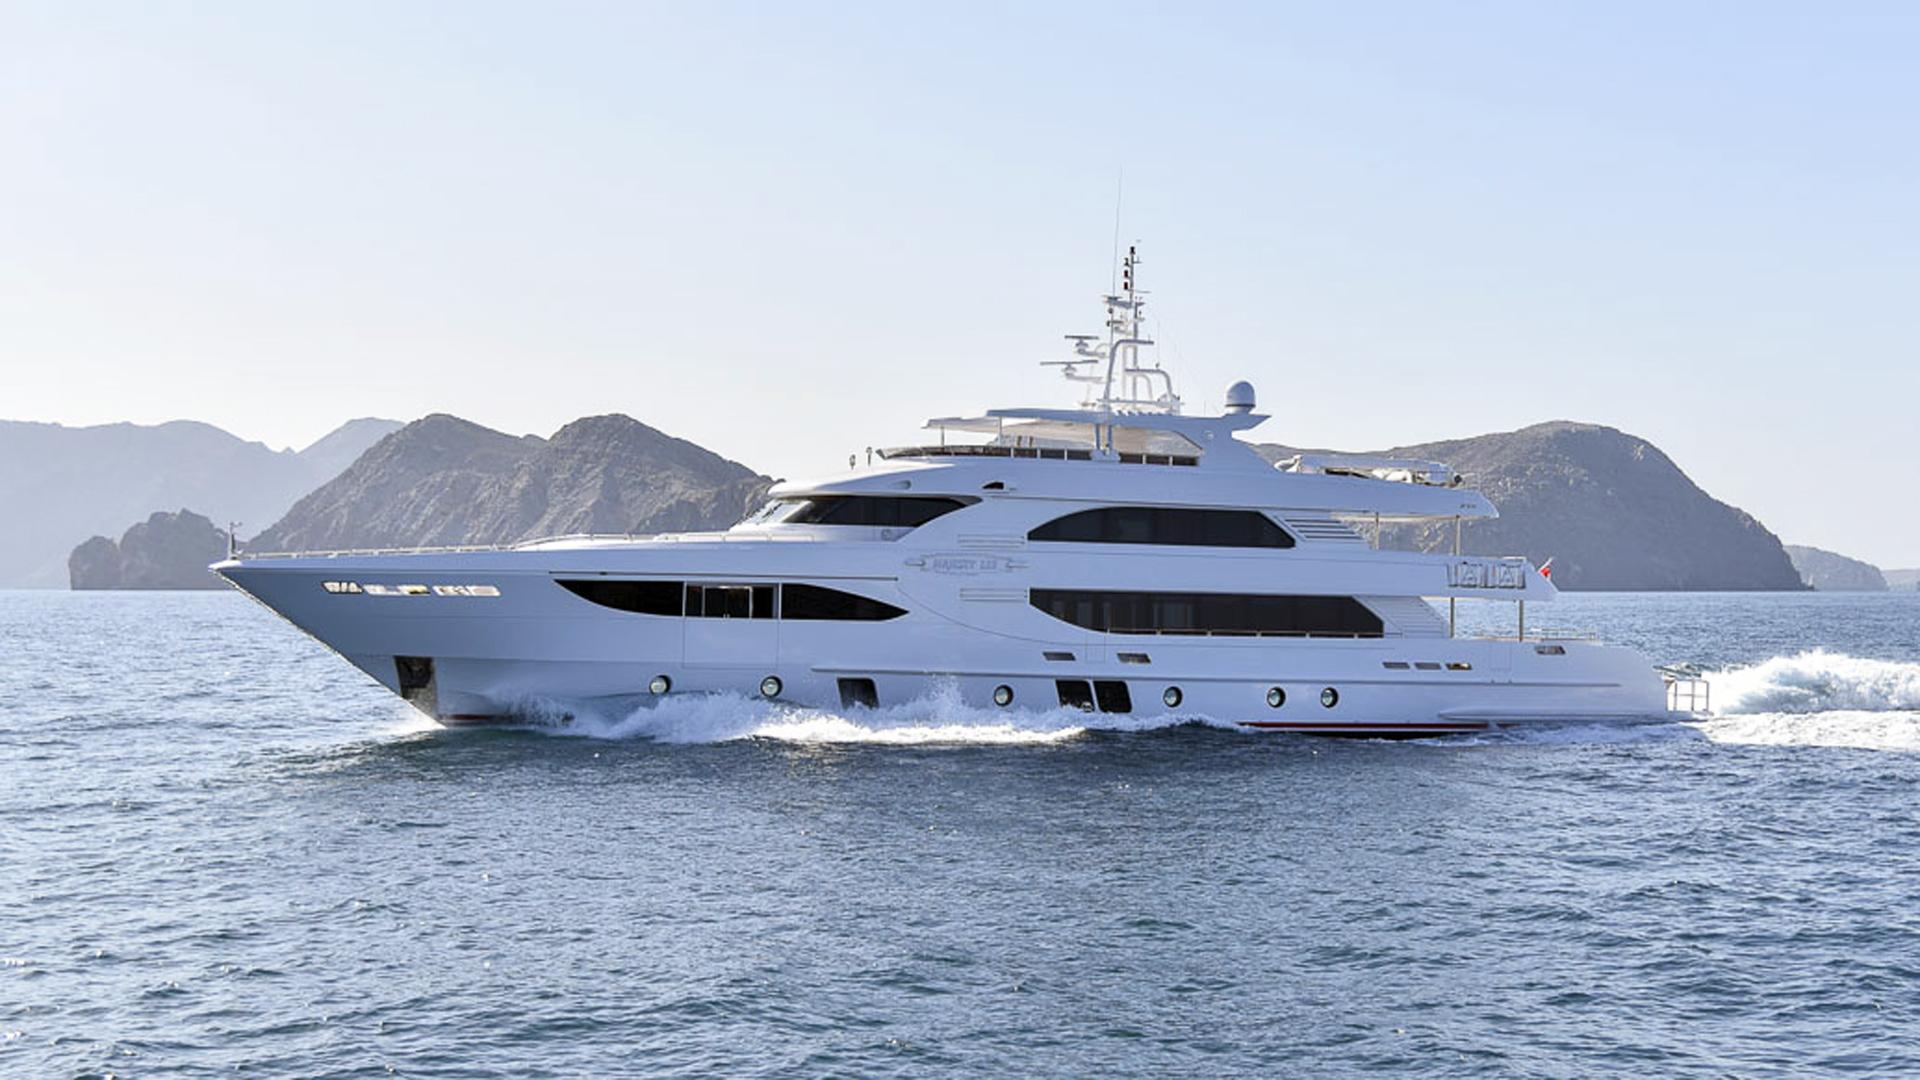 jewel motoryacht gulf craft majesty 135 41m 2015 profile sistership